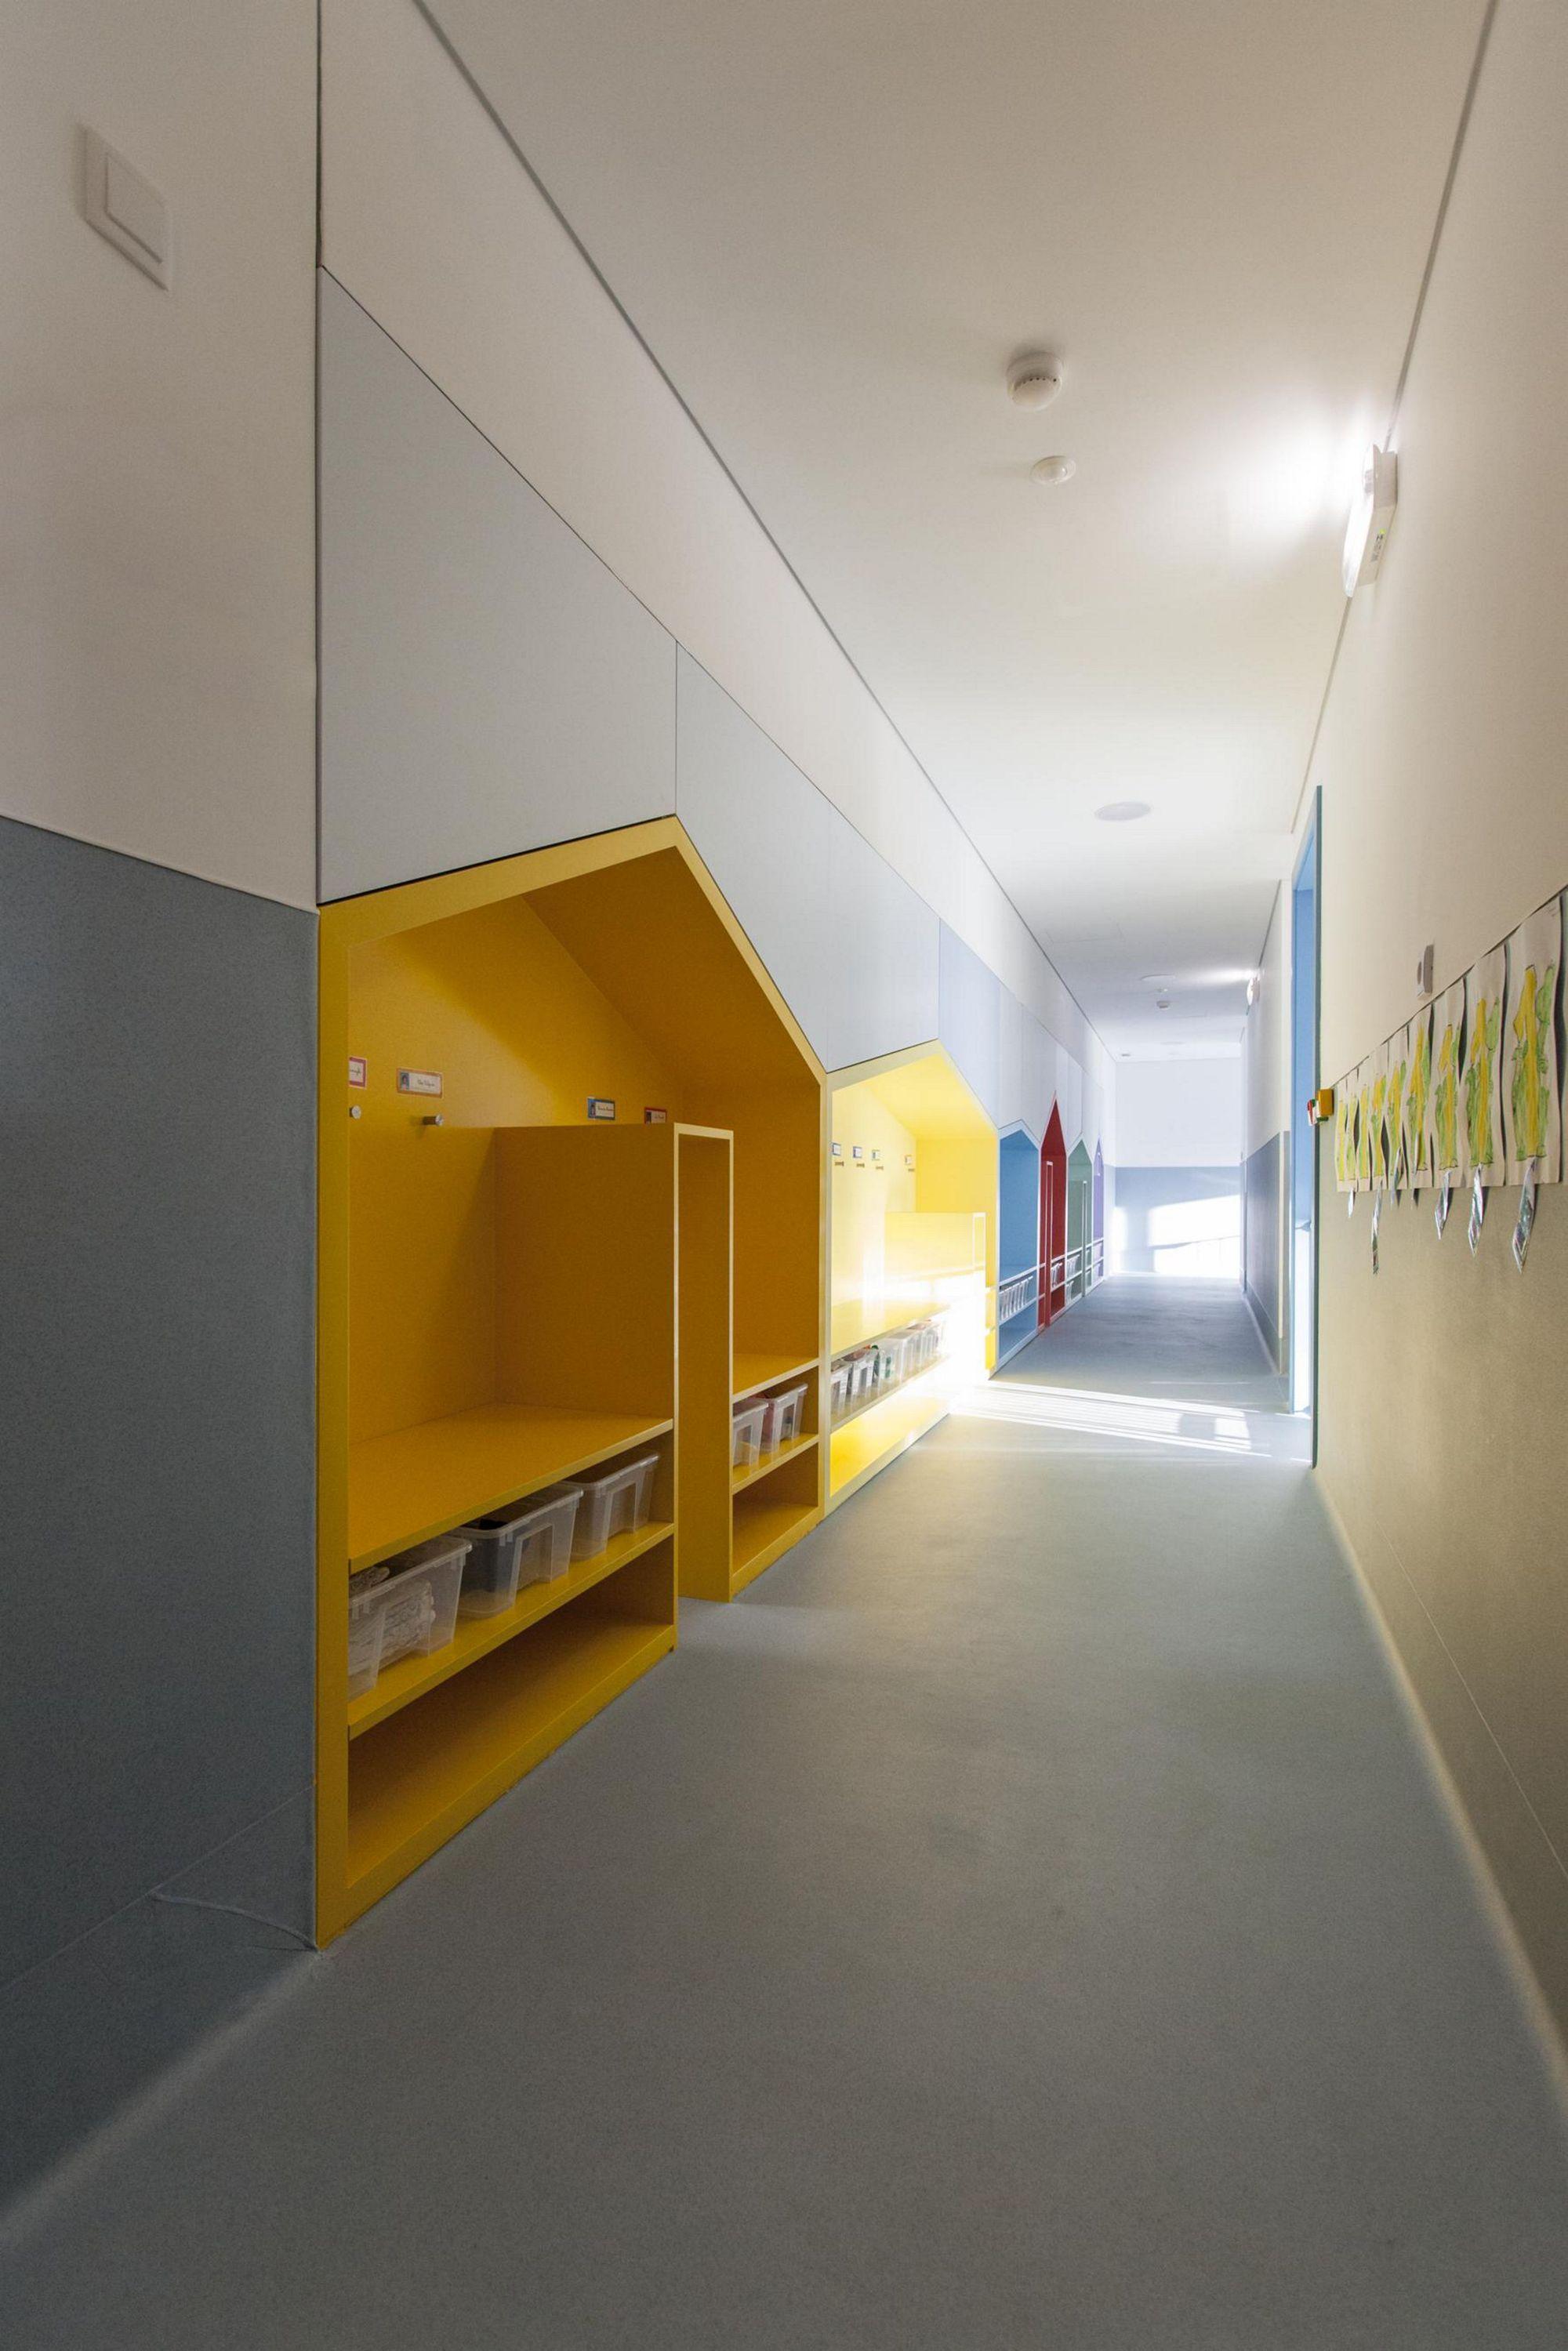 Horizonte Colege - Vila Nova de Gaia - ÔCO Ideias e Projectos de Arquitectura                                                                                                                                                                                 Mais